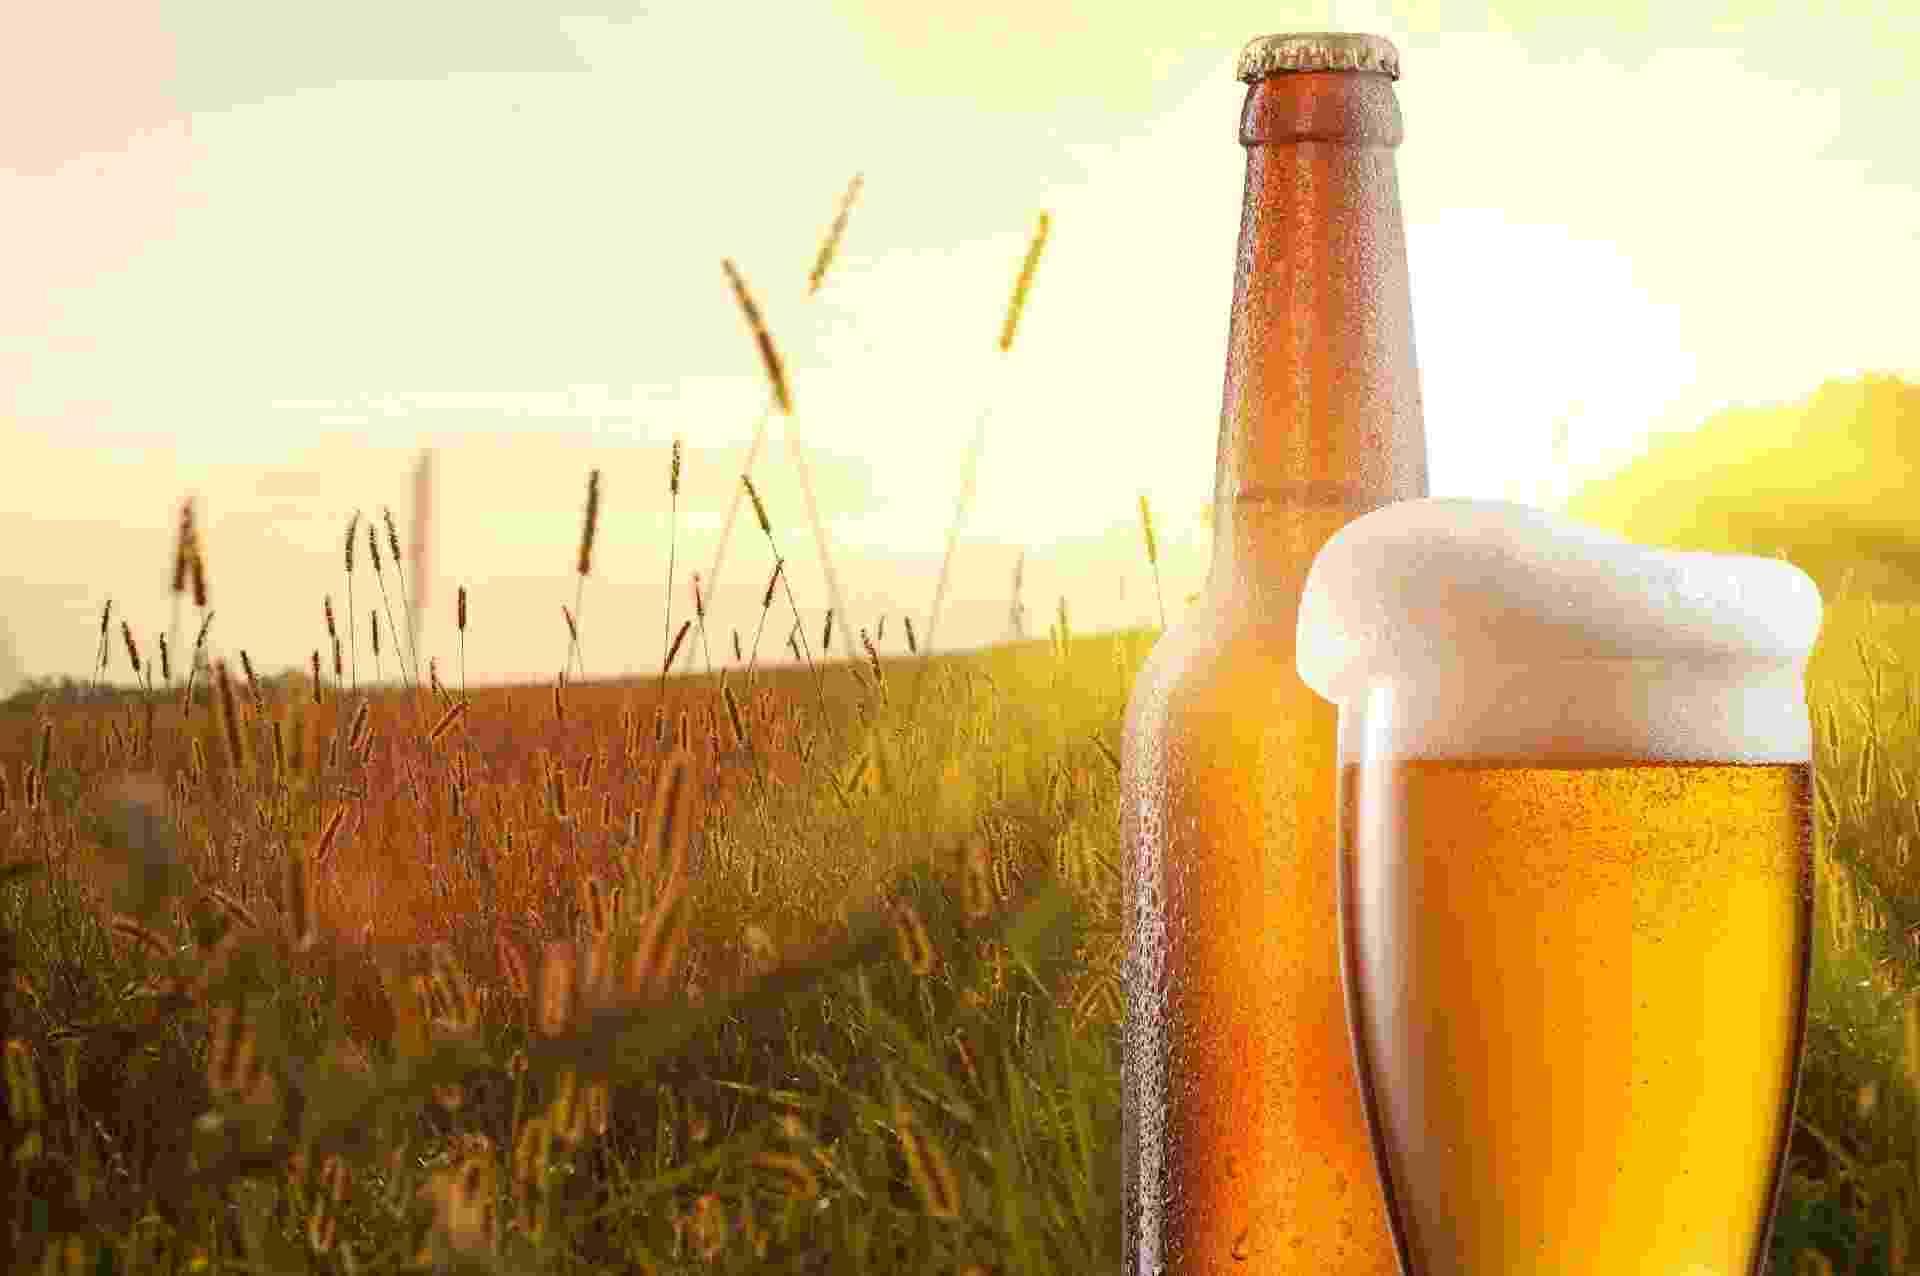 Cerveja e campo de cevada - iStock/artJazz